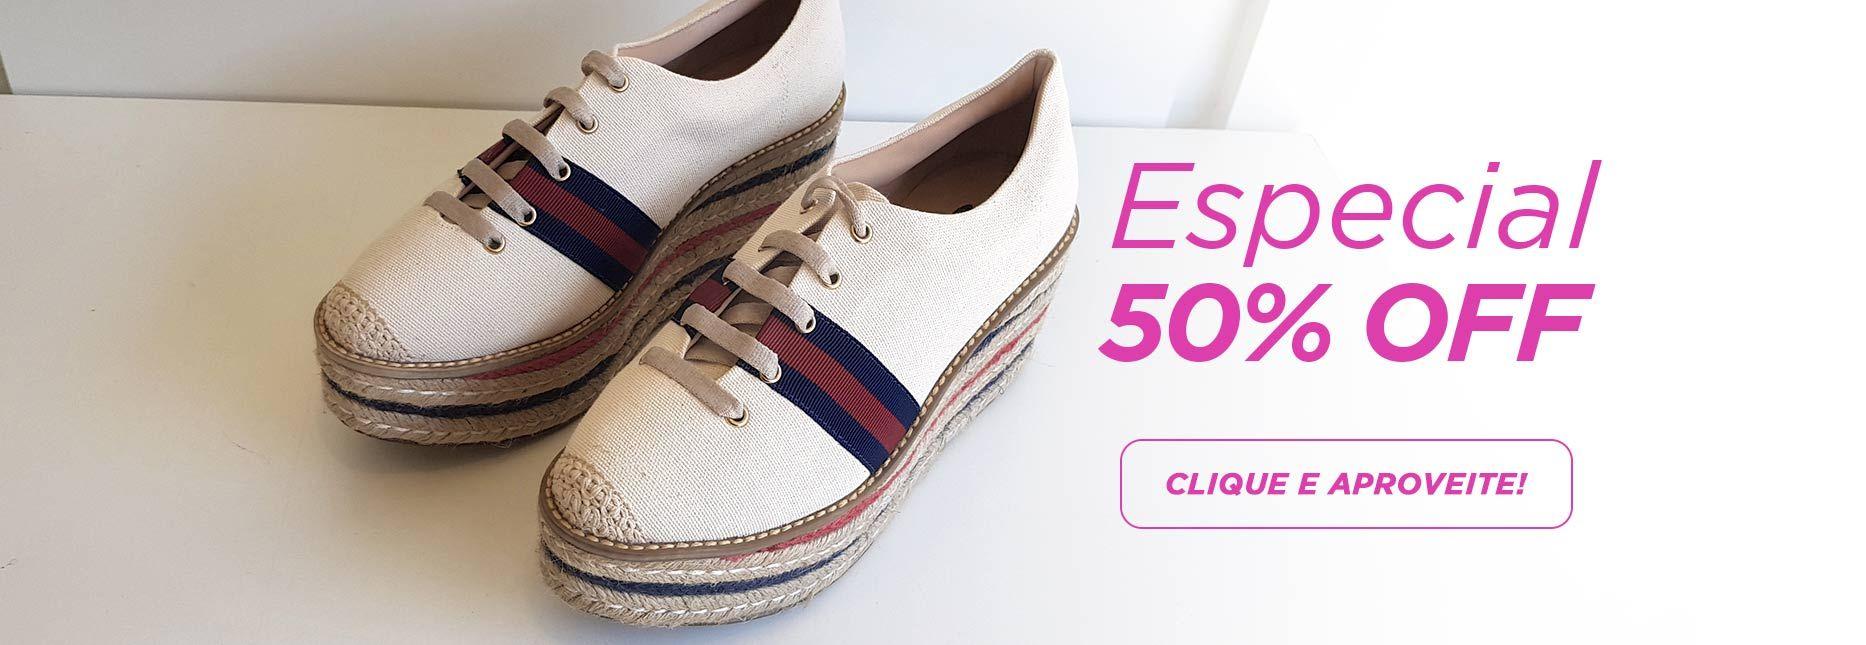 especial 50%off